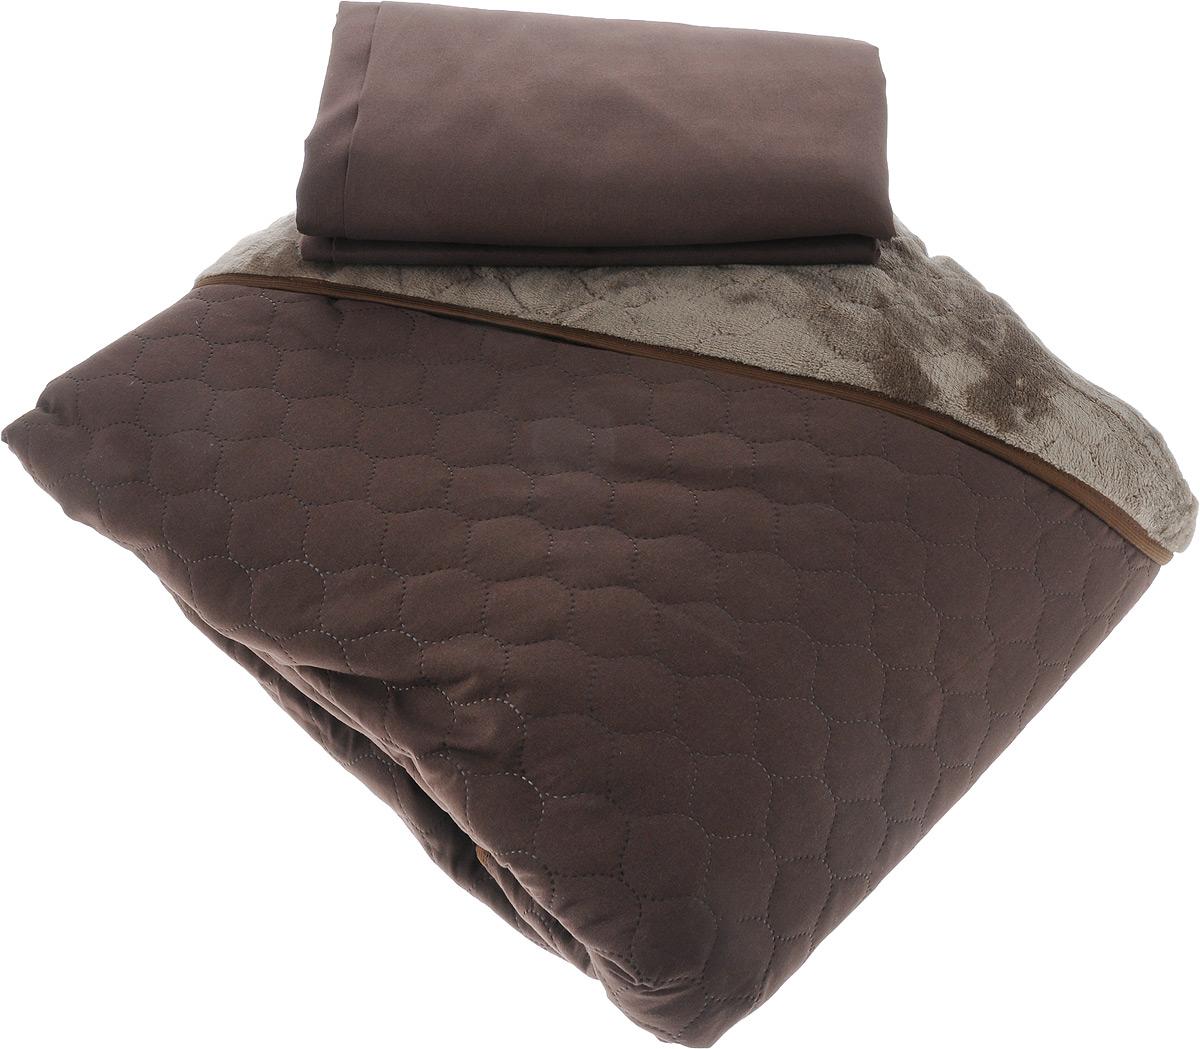 Комплект для спальни Sleep iX Multi Set: покрывало 220 х 240 см, простыня 230 х 240 см, 2 наволочки 50 х 70 см, цвет: темно-коричневый, серый10503Комплект для спальни Sleep iX Multi Set состоит из покрывала, простыни и 2 наволочек. Верх многофункционального одеяла-покрывала выполнен из мягкой высокотехнологичной ткани, которая хорошо сохраняет тепло, устойчива к стирке и износу, а низ выполнен из нежного искусственного меха. Такой мех не требует специального ухода, он легко чистится и долгое время сохраняет мягкость и внешний вид. Наволочки и простыня выполнены из микрофибры.Комплект для спальни Sleep iX Multi Set - отличный способ придать спальне уют и привнести в интерьер что-то новое. Размер покрывала: 220 х 240 см. Размер наволочки: 50 х 70 см. Размер простыни: 230 х 240 см.Комплект упакован в сумку-чехол на застежке-молнии.